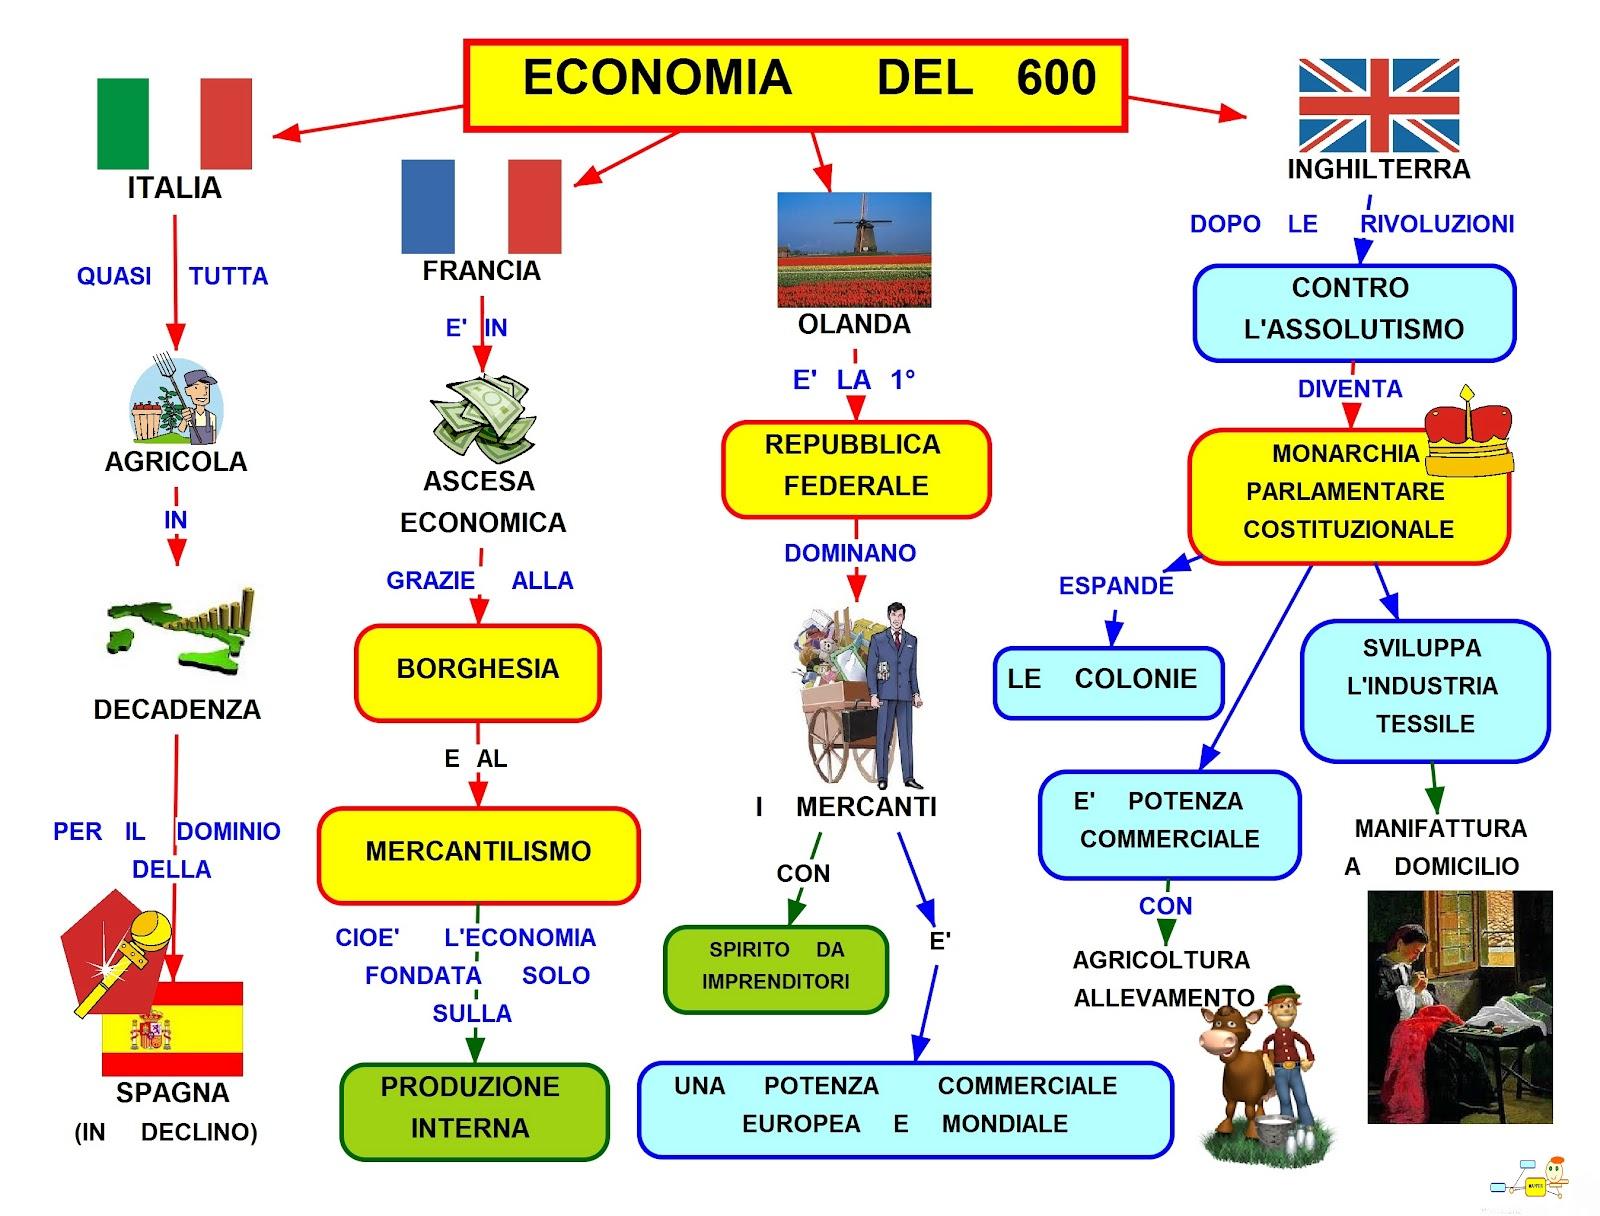 Schema economia del 39 600 pearltrees - Mappa dell inghilterra per i bambini ...